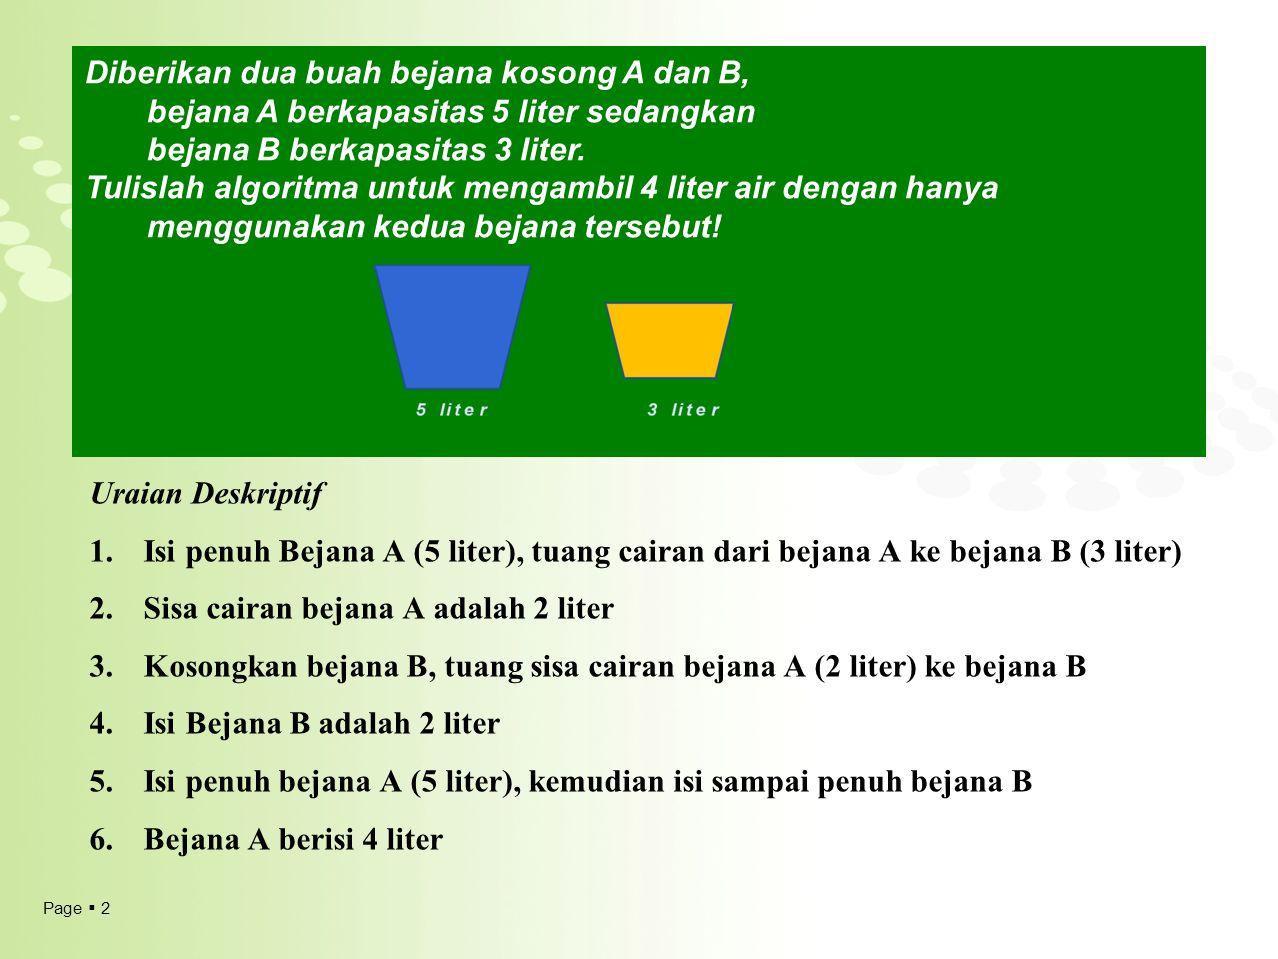 Diberikan dua buah bejana kosong A dan B, bejana A berkapasitas 5 liter sedangkan bejana B berkapasitas 3 liter.